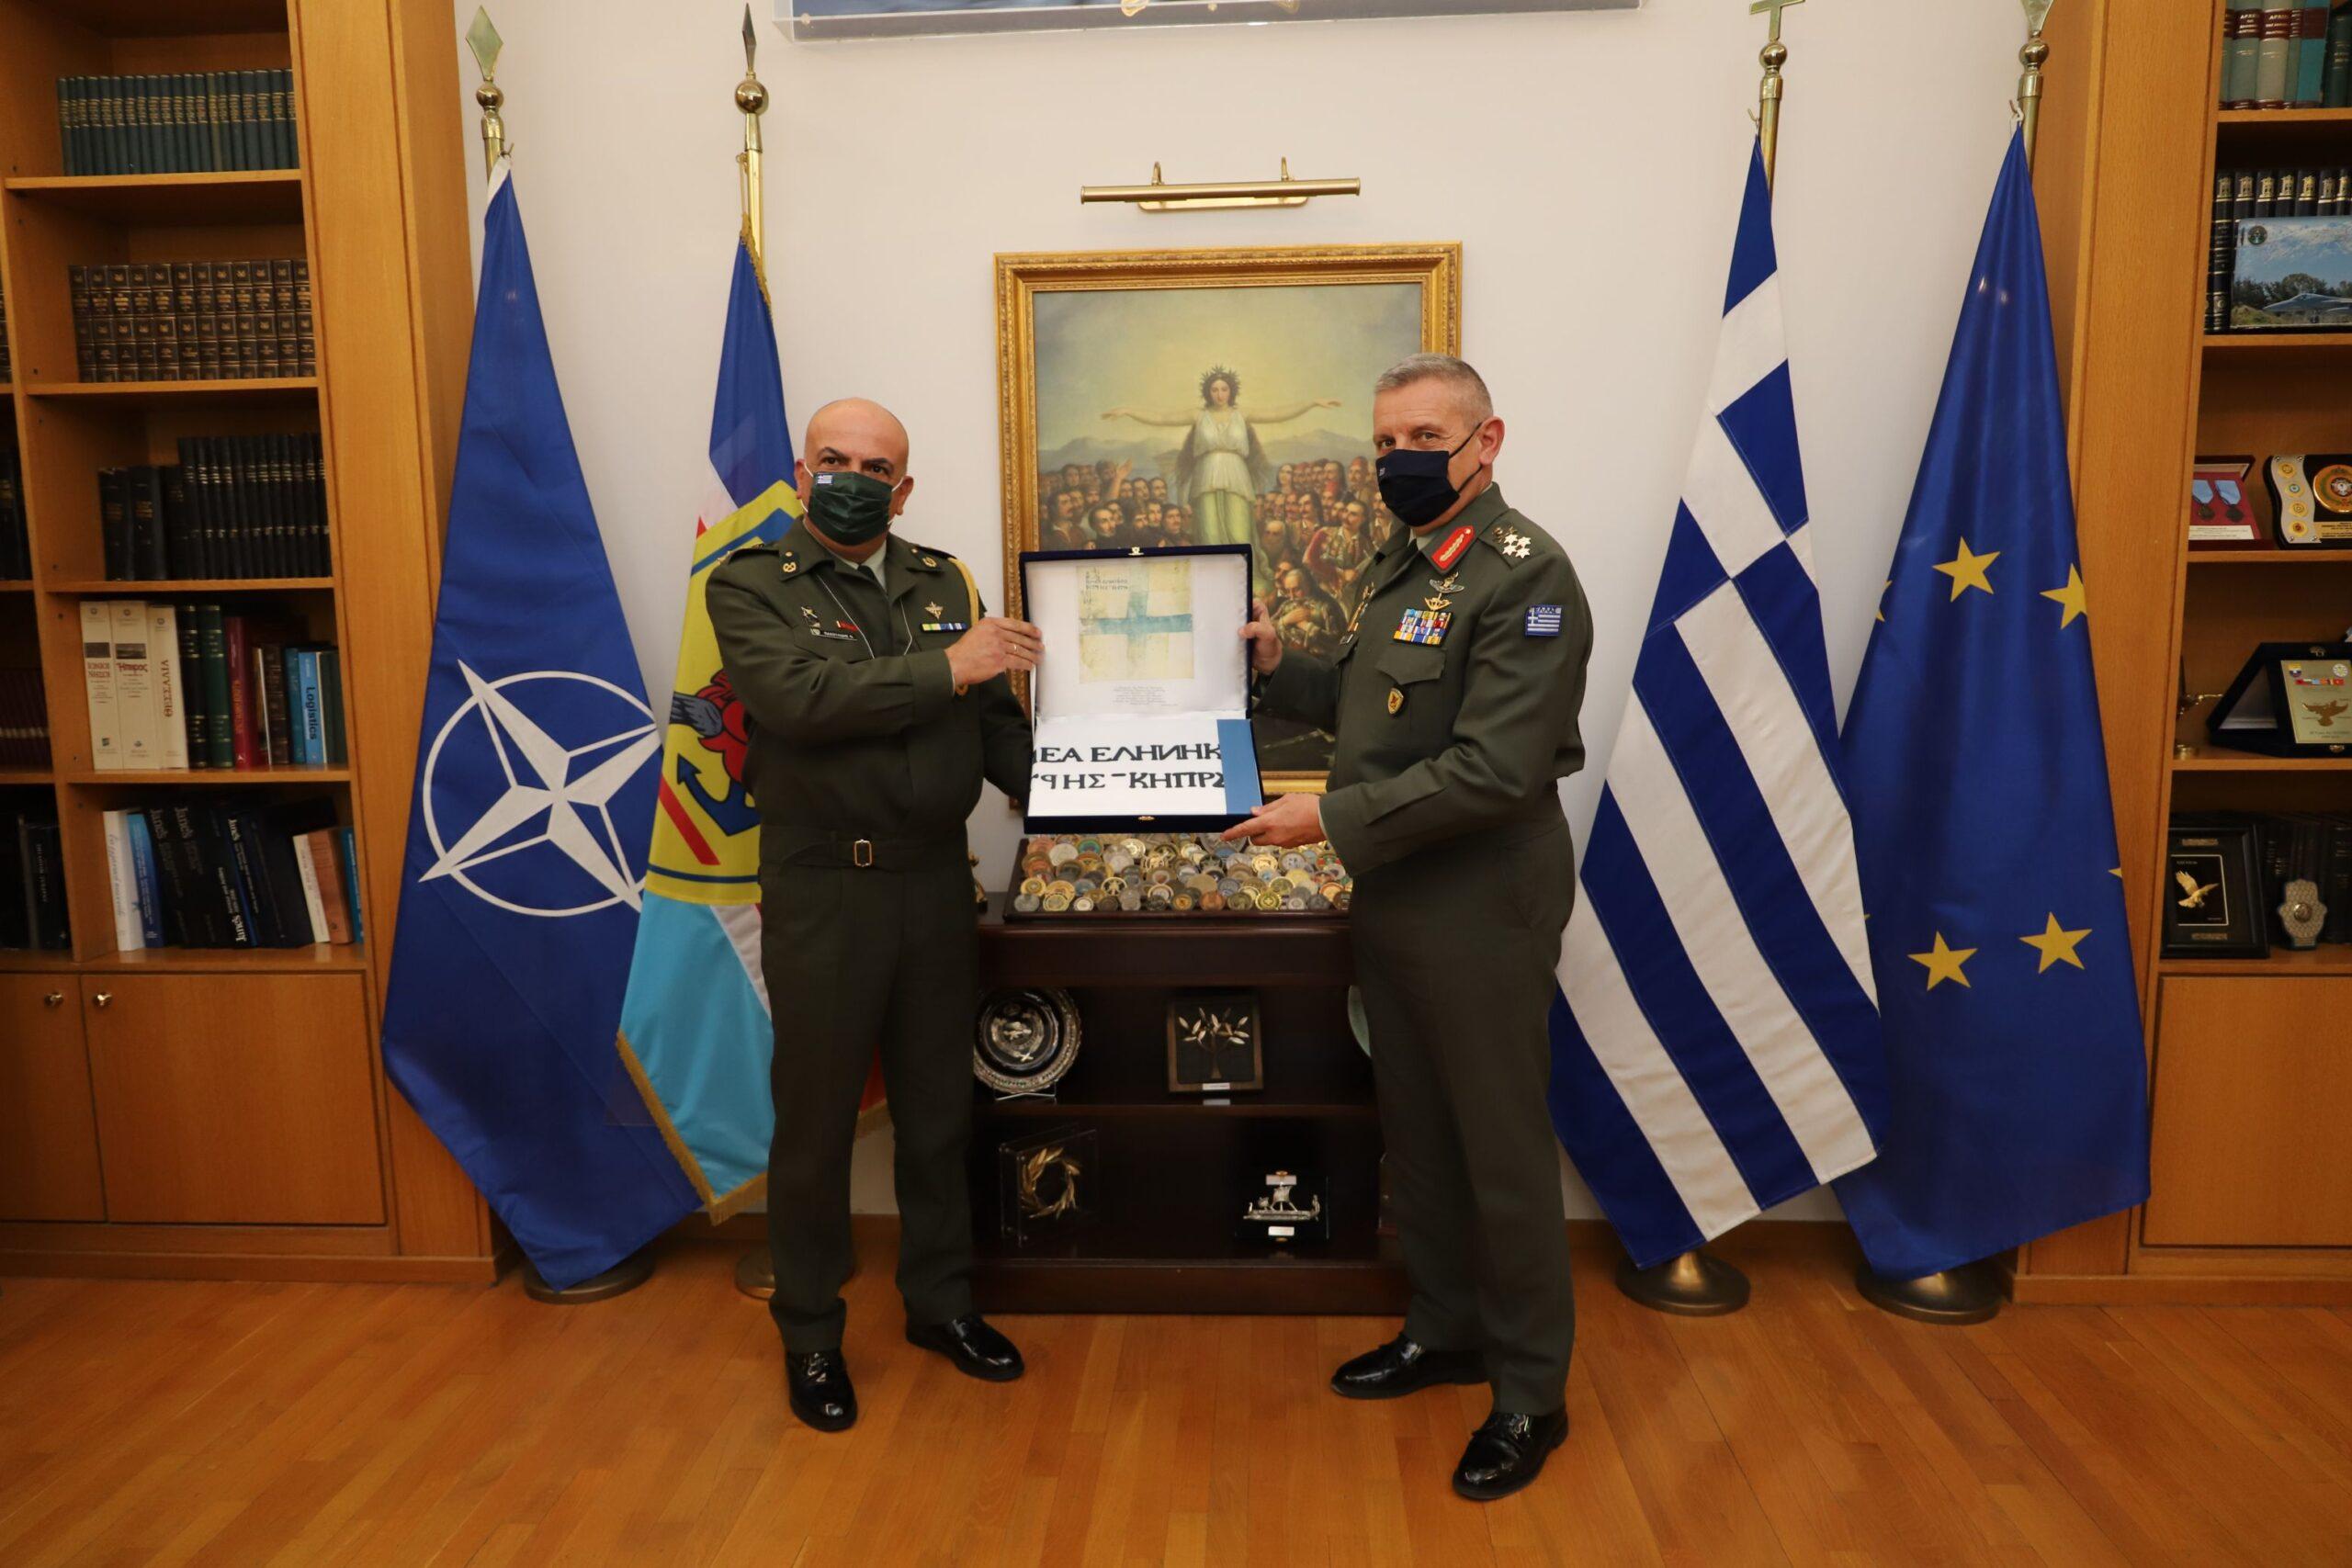 Ελληνοτουρκικά: Νέα στρατιωτική συμφωνία ανάμεσα σε Ελλάδα, Κύπρο και Αίγυπτο η οποία ισχυροποιεί τις ελληνικές Ένοπλες Δυνάμεις.